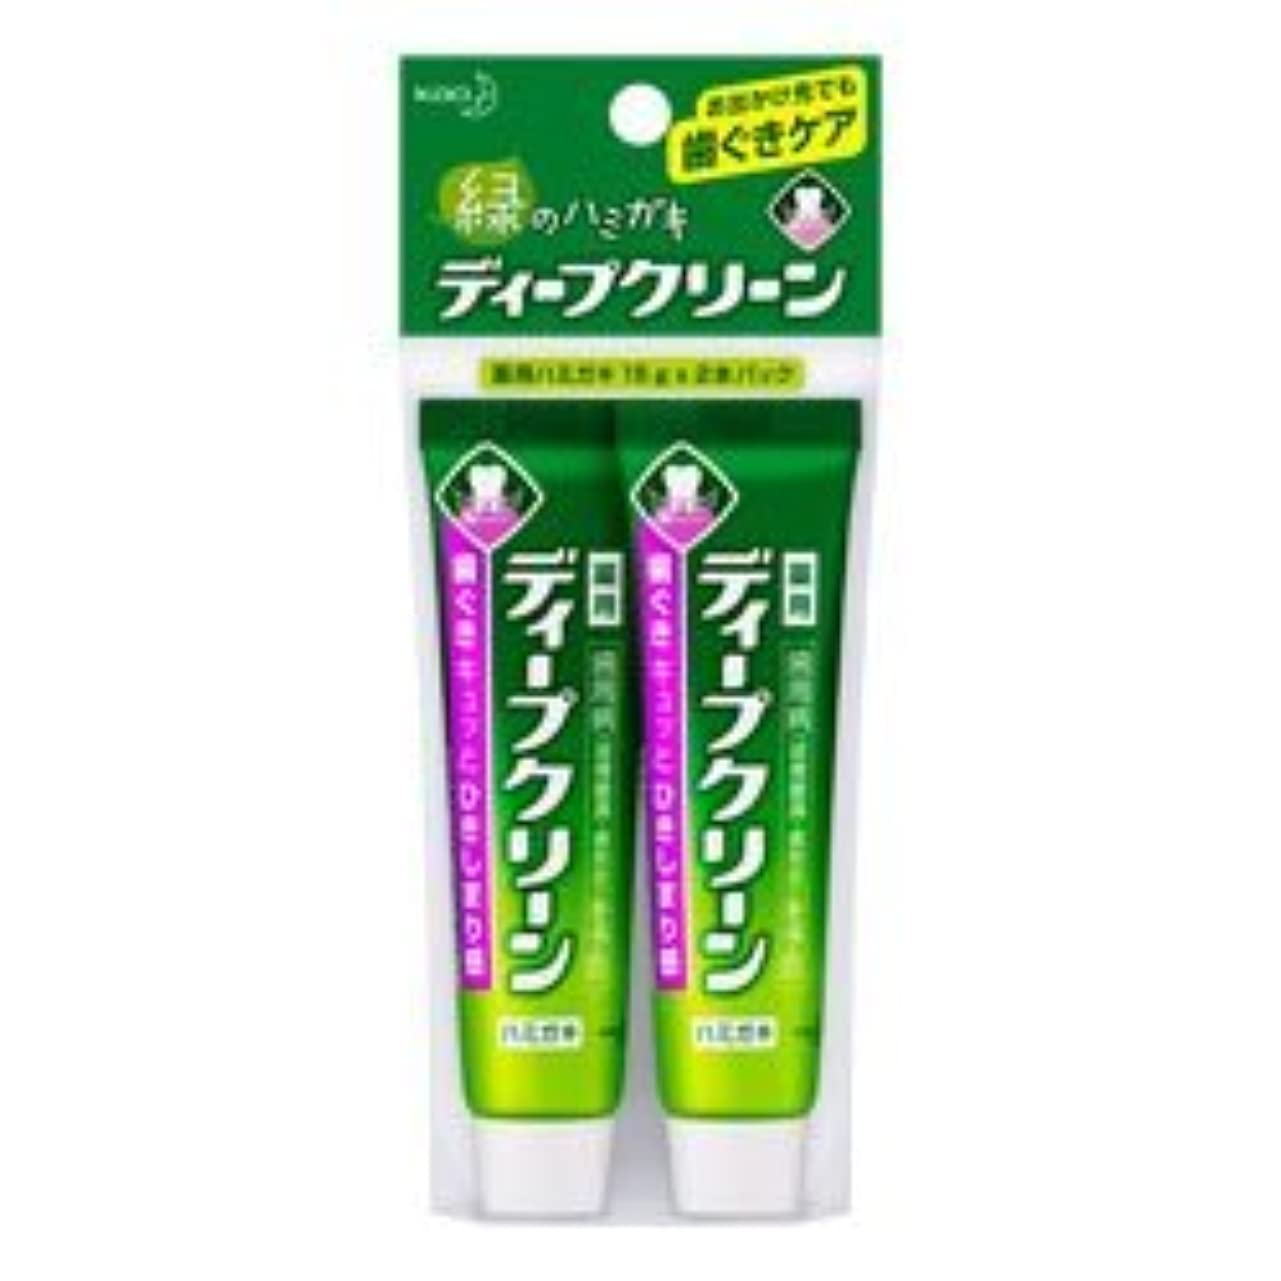 倍増漏斗若者【花王】ディープクリーン 薬用ハミガキ ミニ 15g×2本 ×10個セット